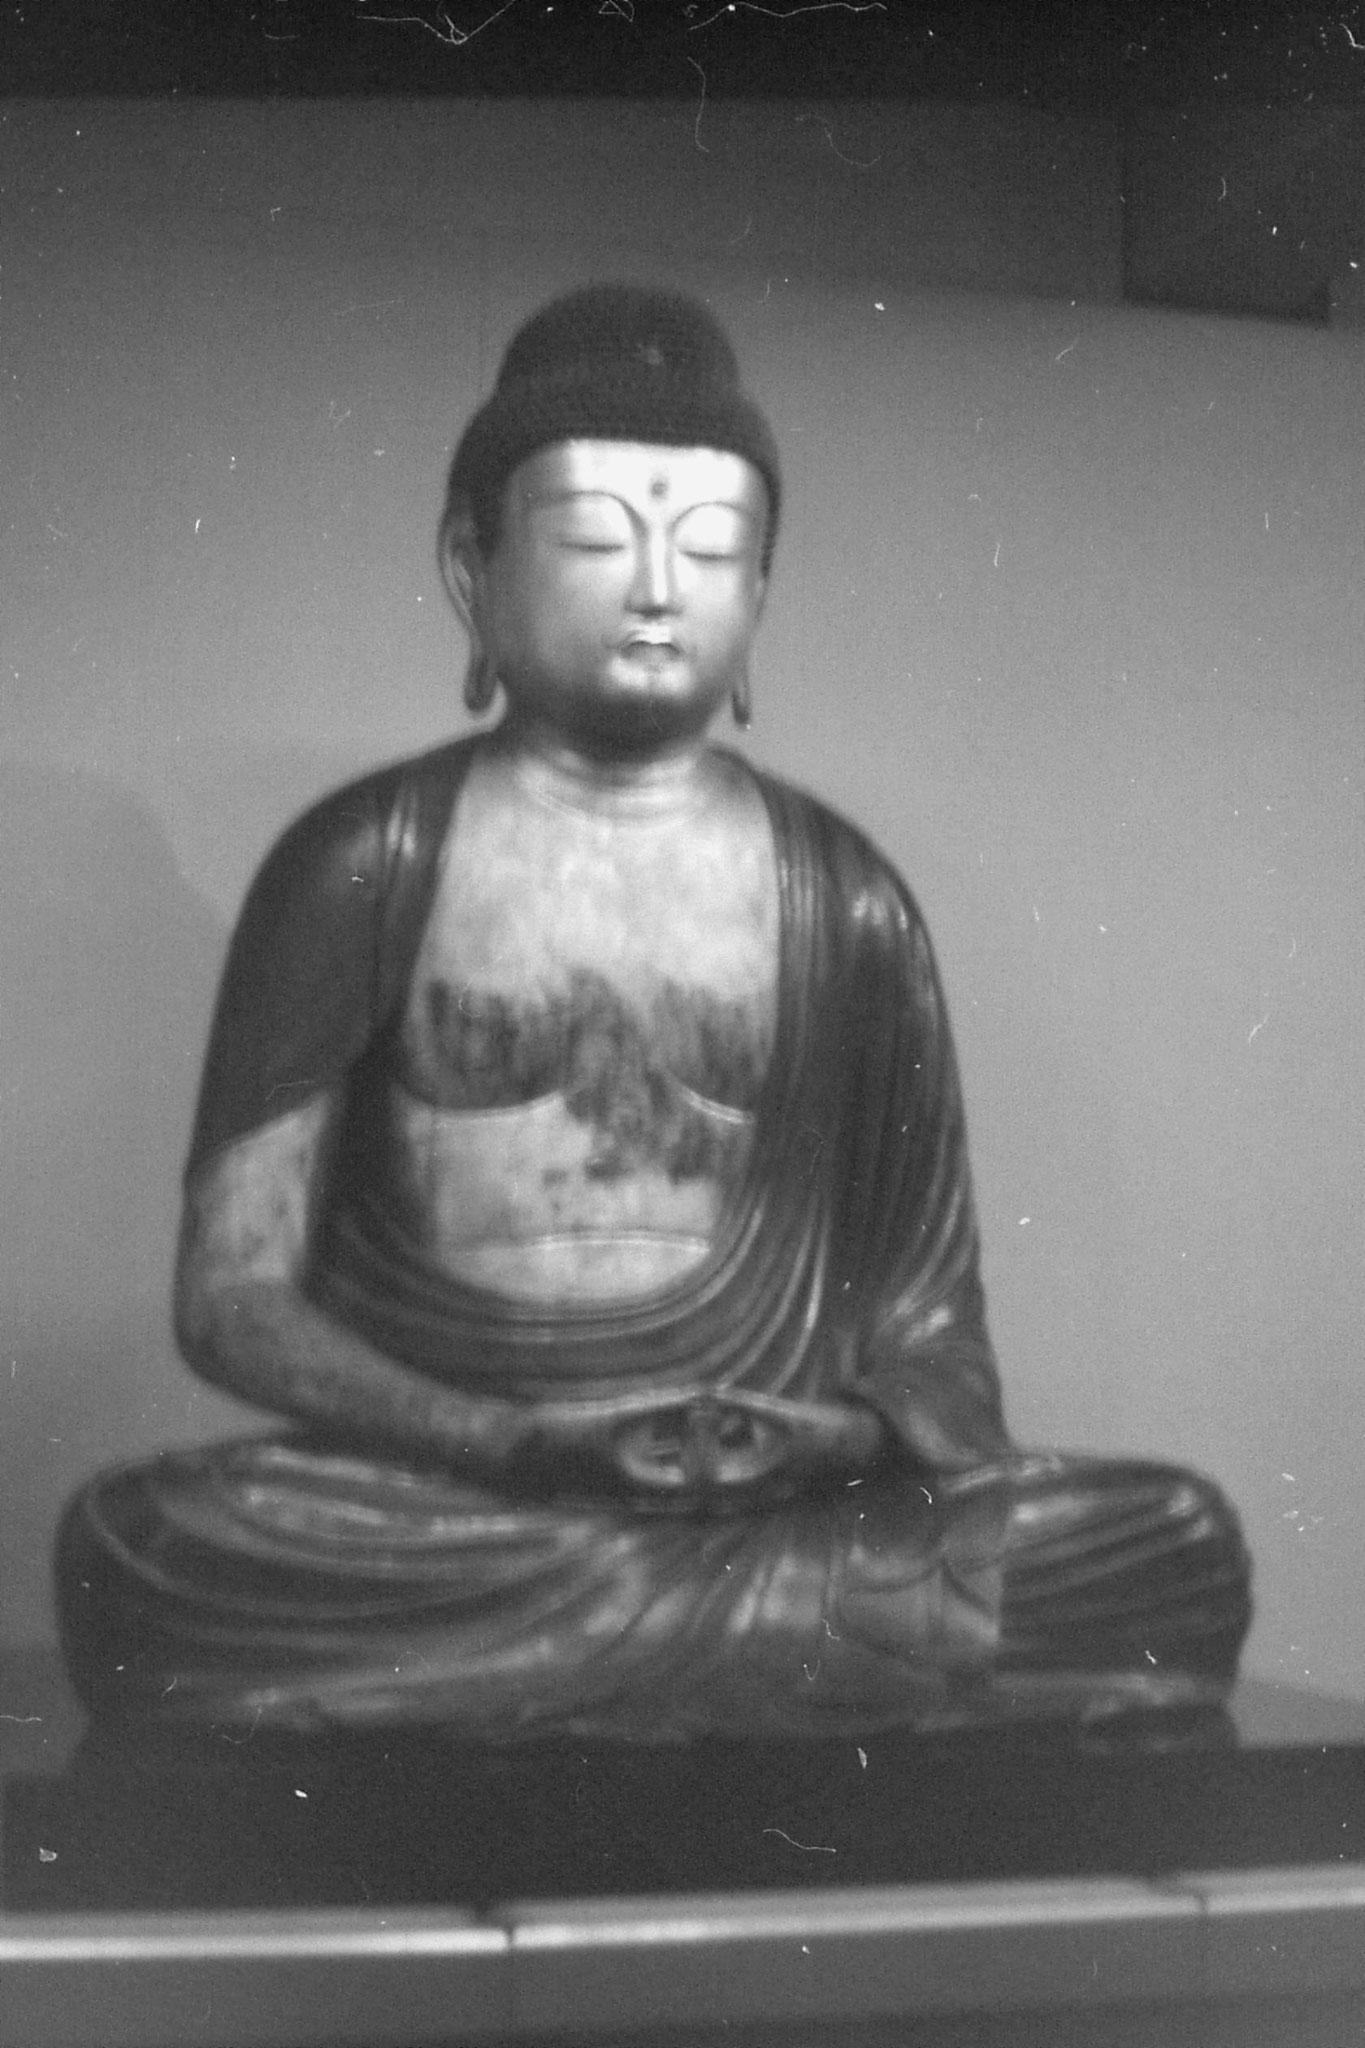 26/1/1989: 5:Amitabha (Buddha) 14-14C Kamakura period, Jyoganji Temple